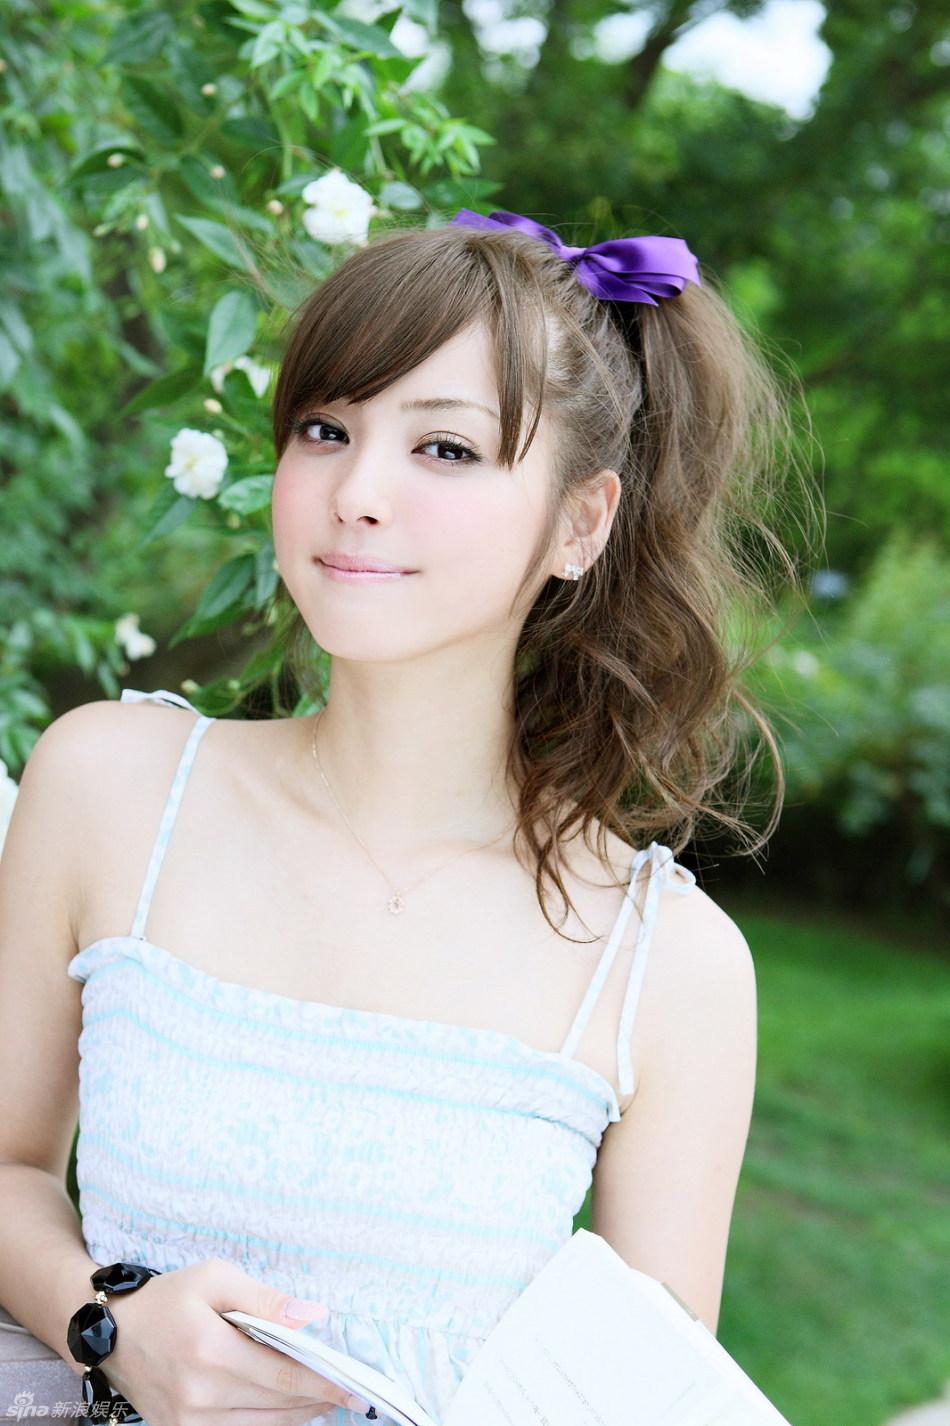 日本靓模佐木木希写真 清纯甜美 (24)--娱乐--人